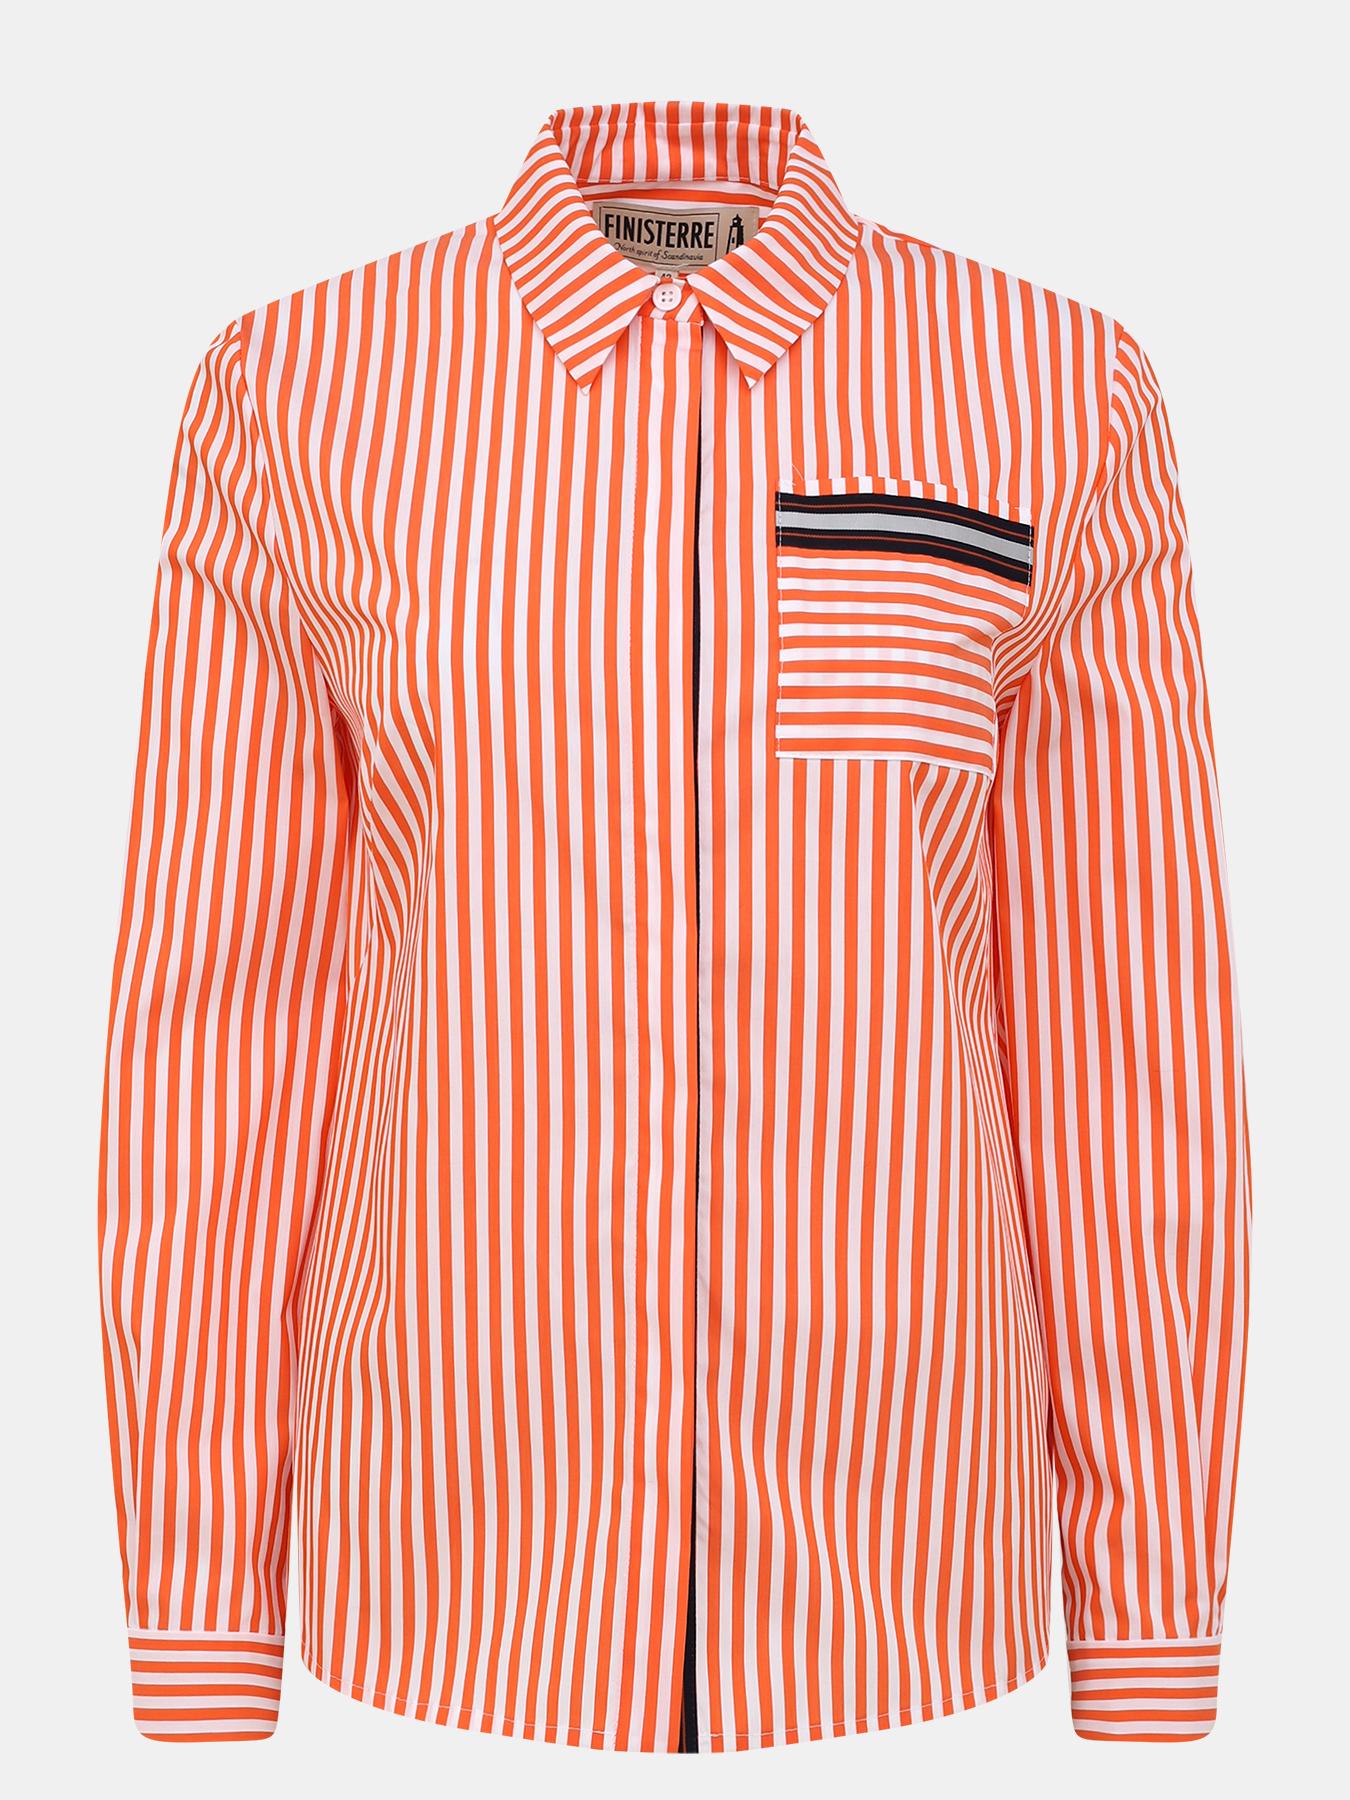 Рубашки Finisterre Рубашка